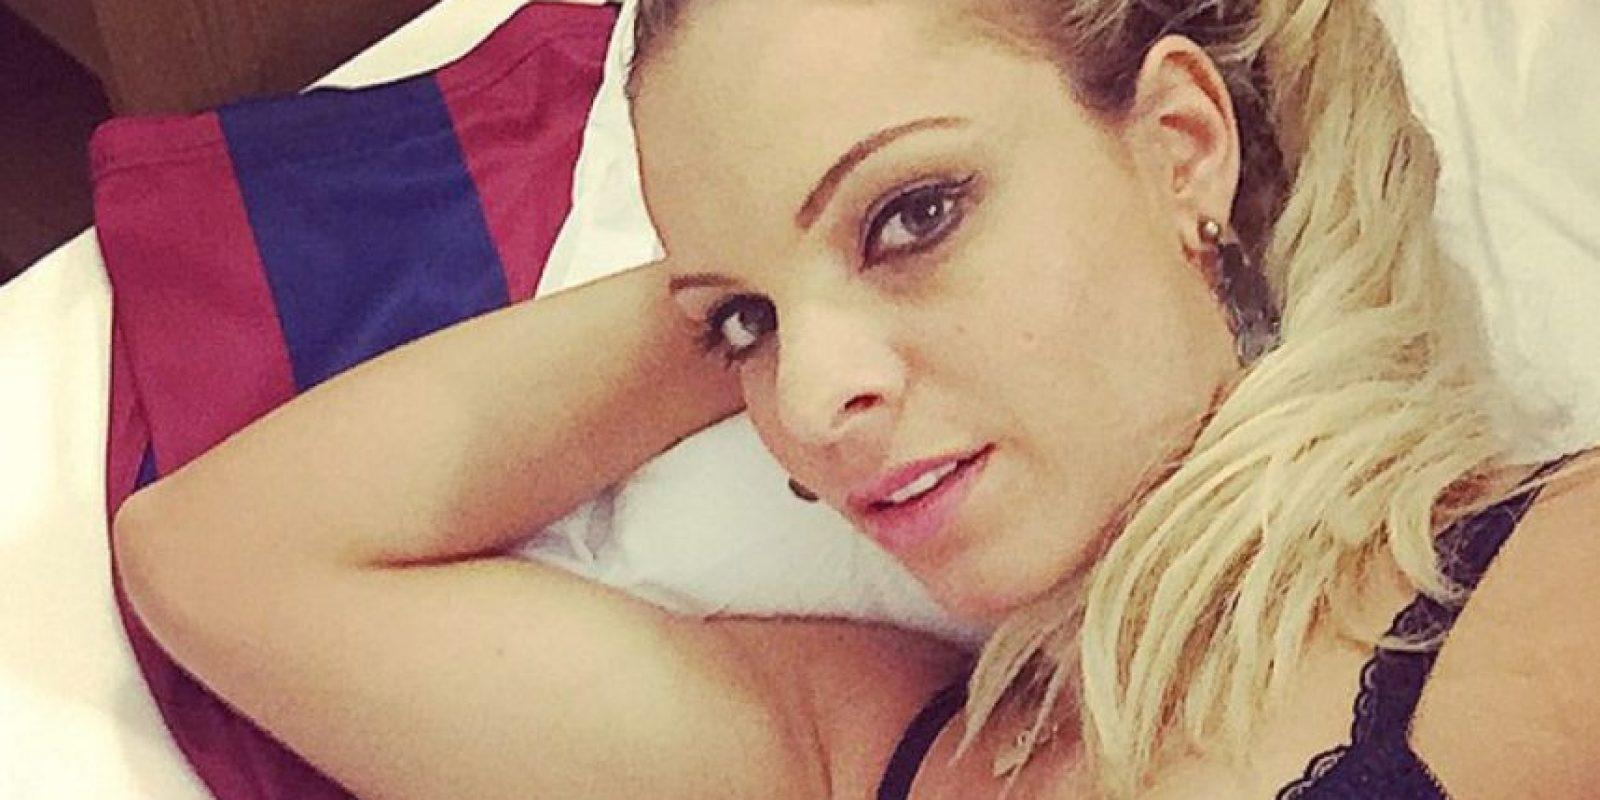 La ganadora del Miss Bum Bum 2014 posteó esta imagen en sus redes sociales y los rumores sobre una relación con el crack brasileño no se hicieron esperar Foto:Instagram: @indianaracarvalho